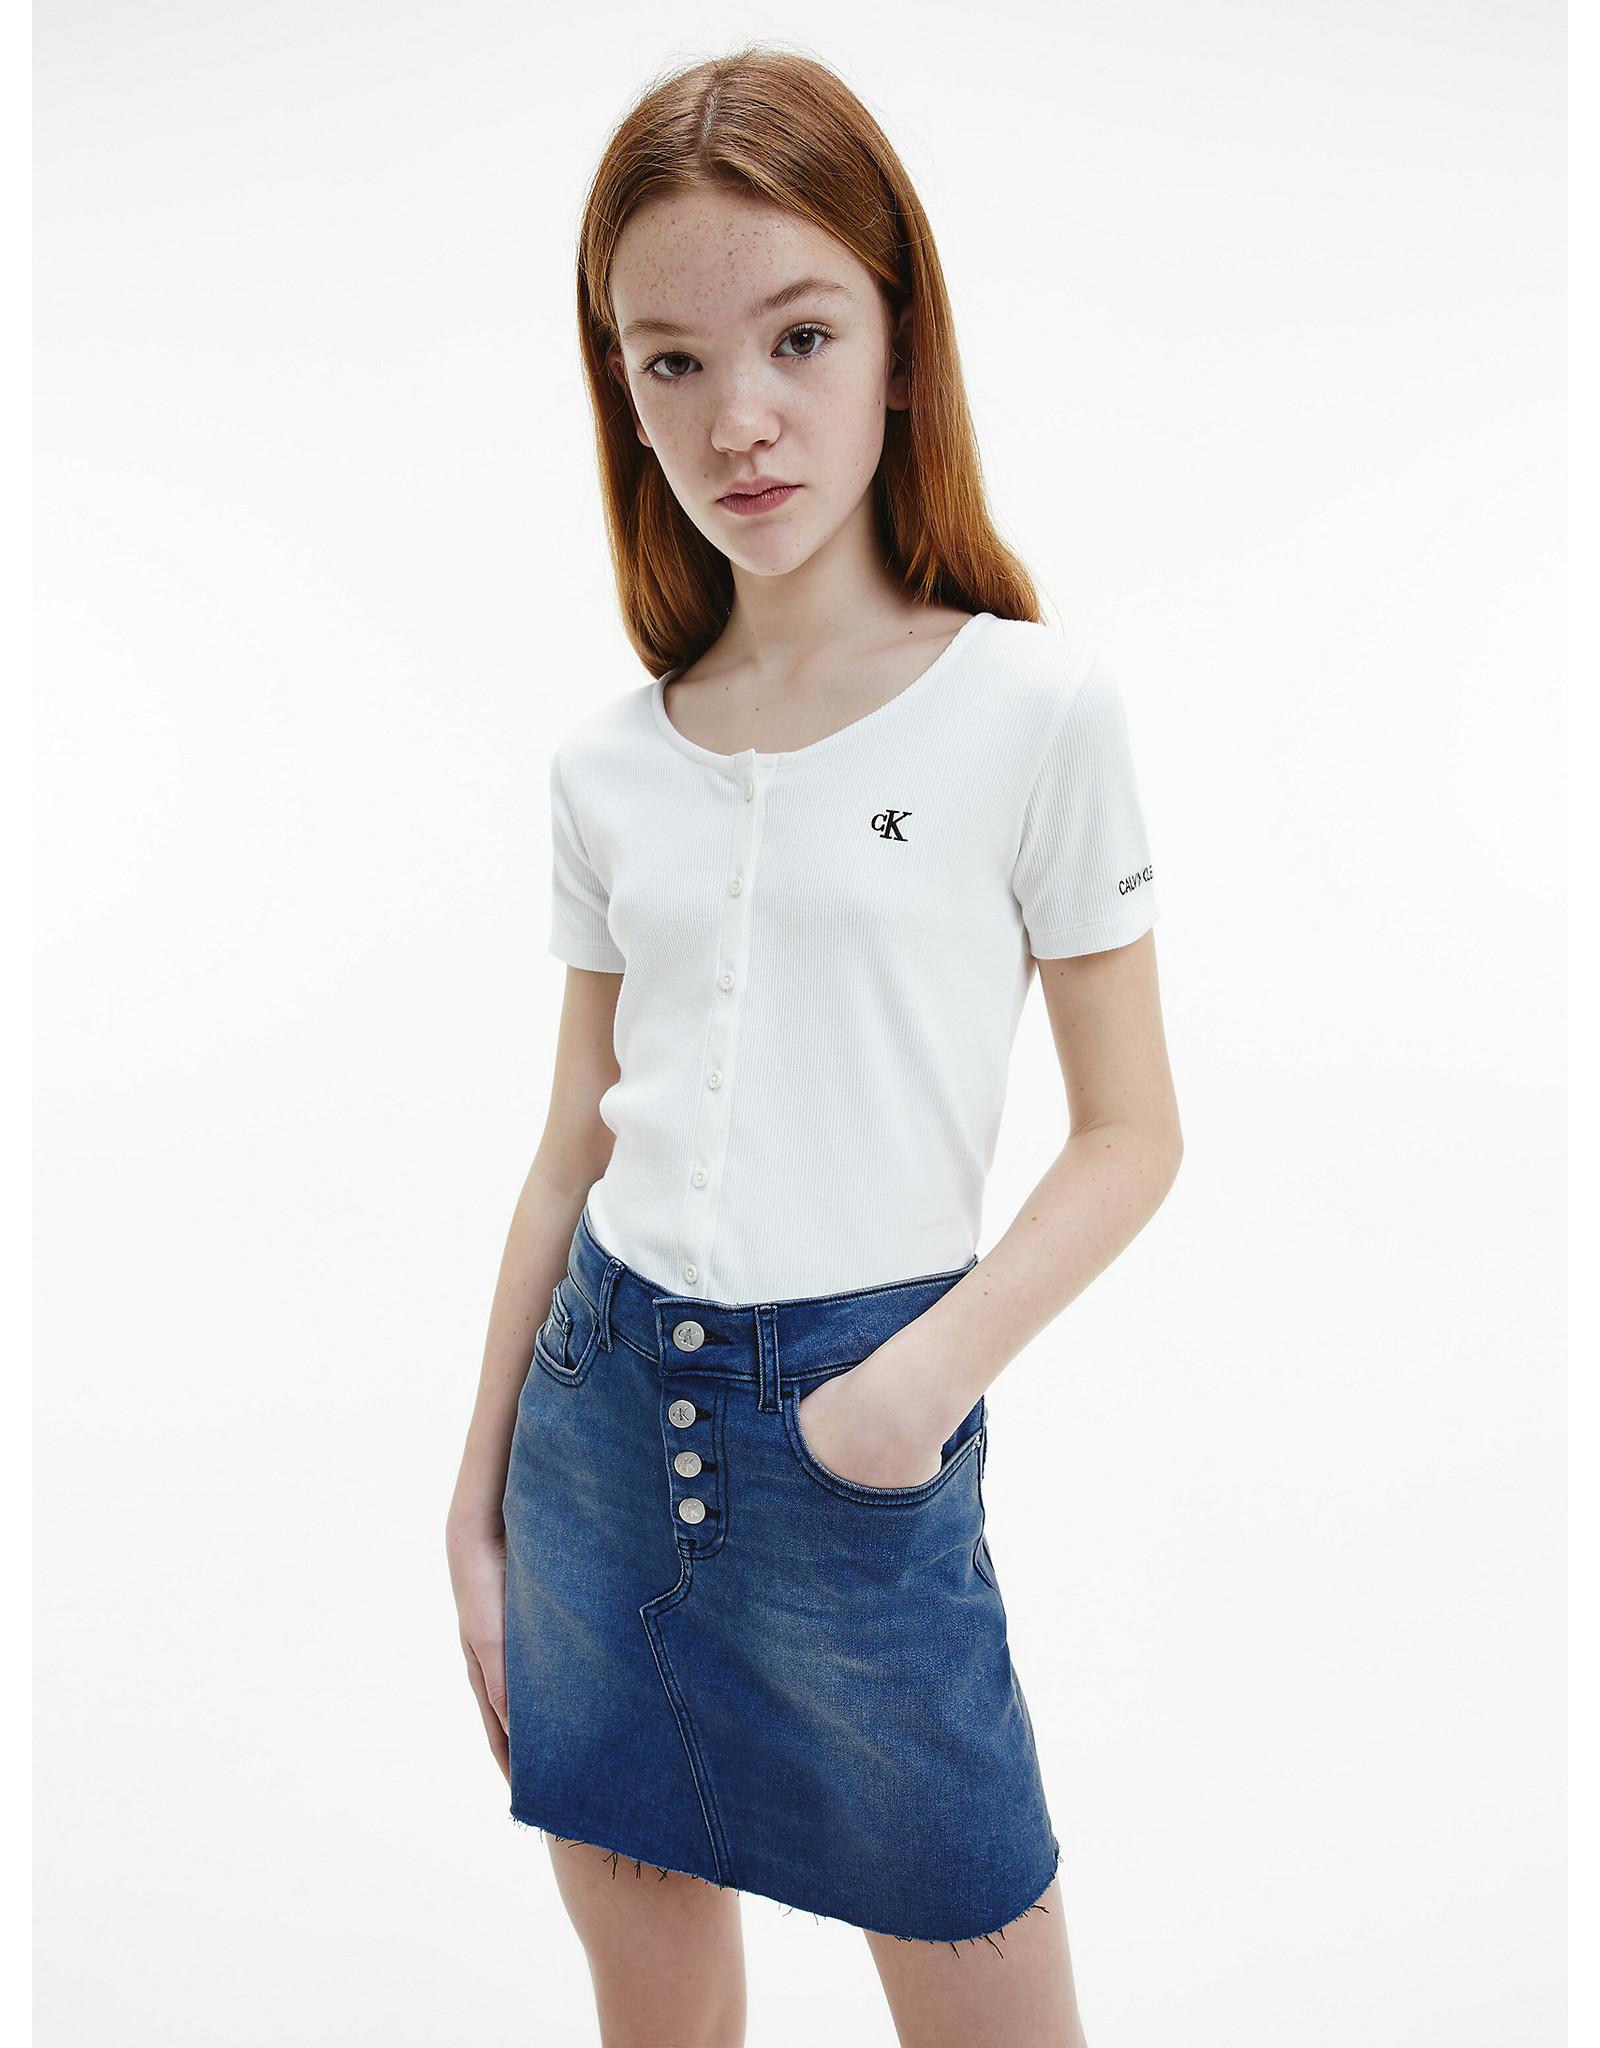 Calvin Klein 0765 T-Shirt